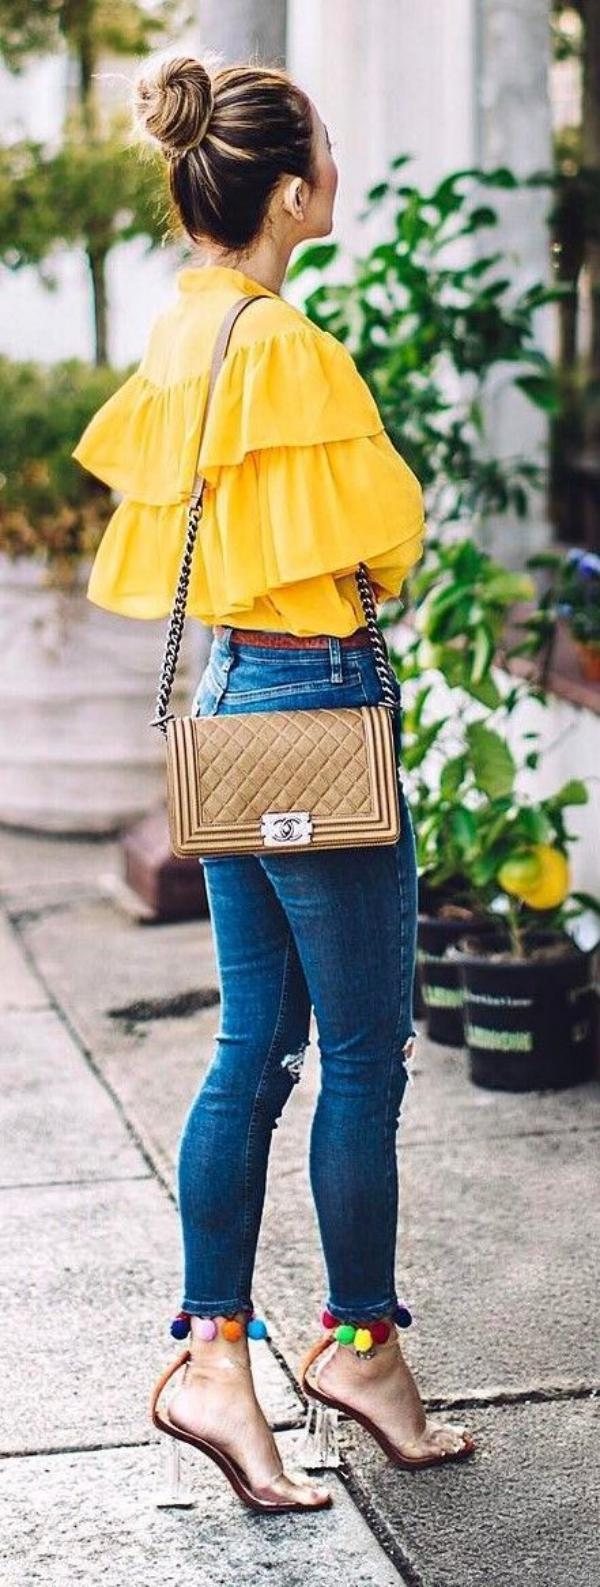 Autumn-Fashion-Outfits-Ideas-21